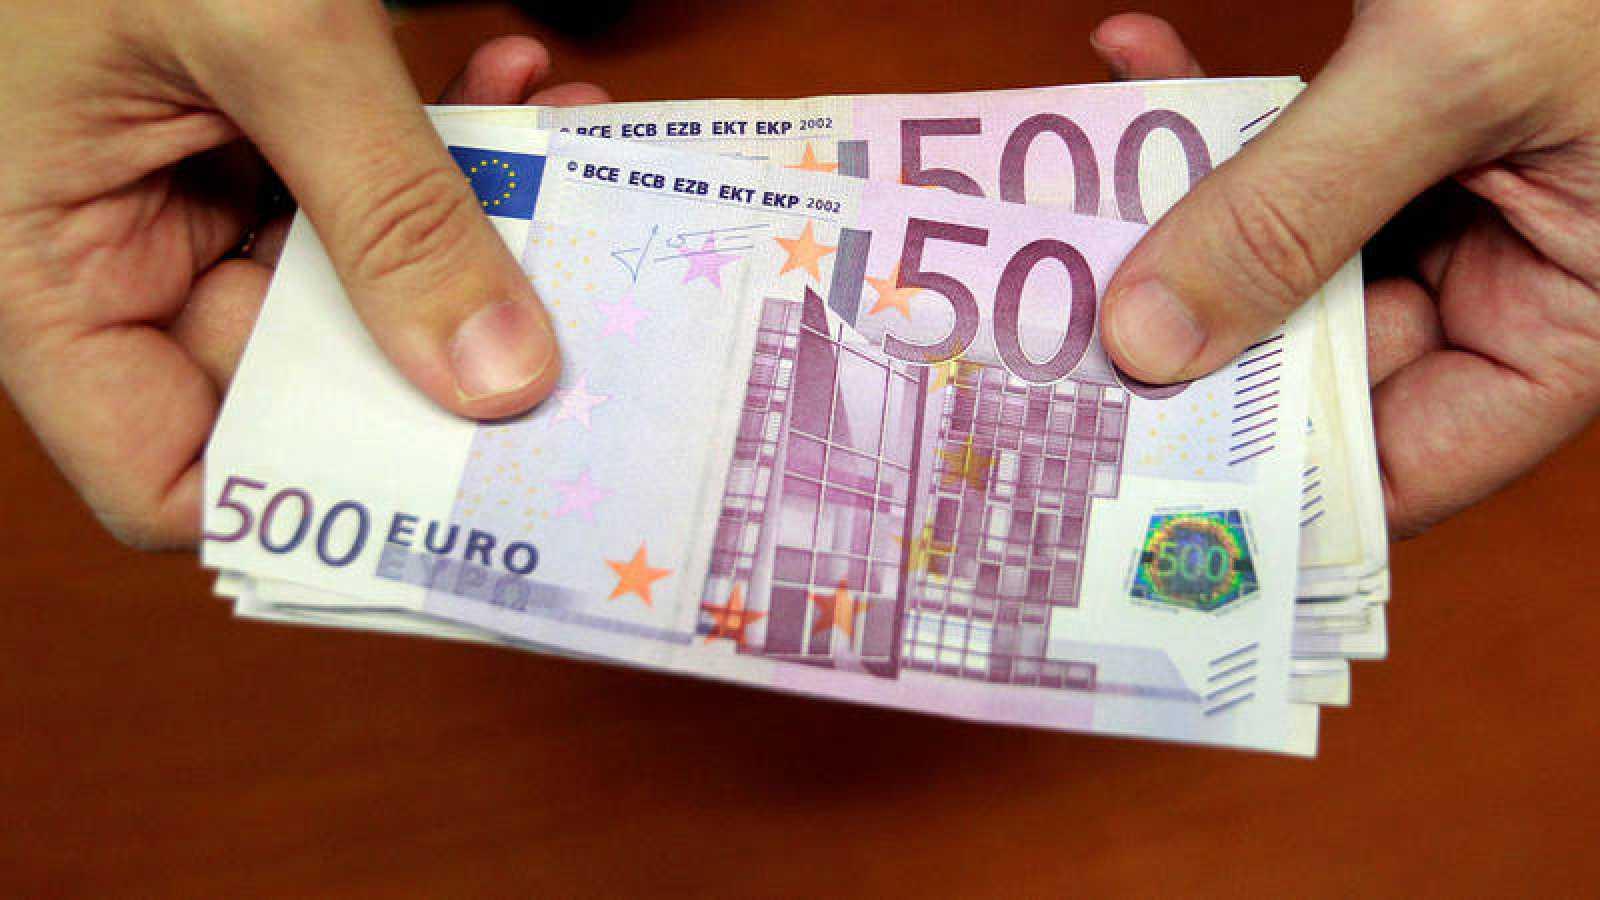 Un empleado de banca muestra varios billetes de 500 euros